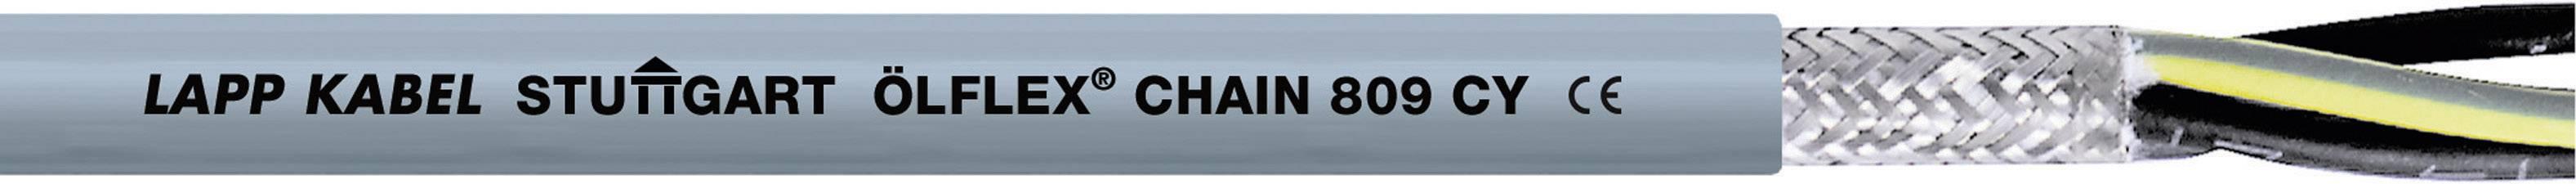 Žíla kabelu LappKabel ÖLFLEX CHAIN 809 CY 5G0,75 (1026762), 5x 0,75 mm², PVC, Ø 7,7 mm, stíněný, 100 m, šedá